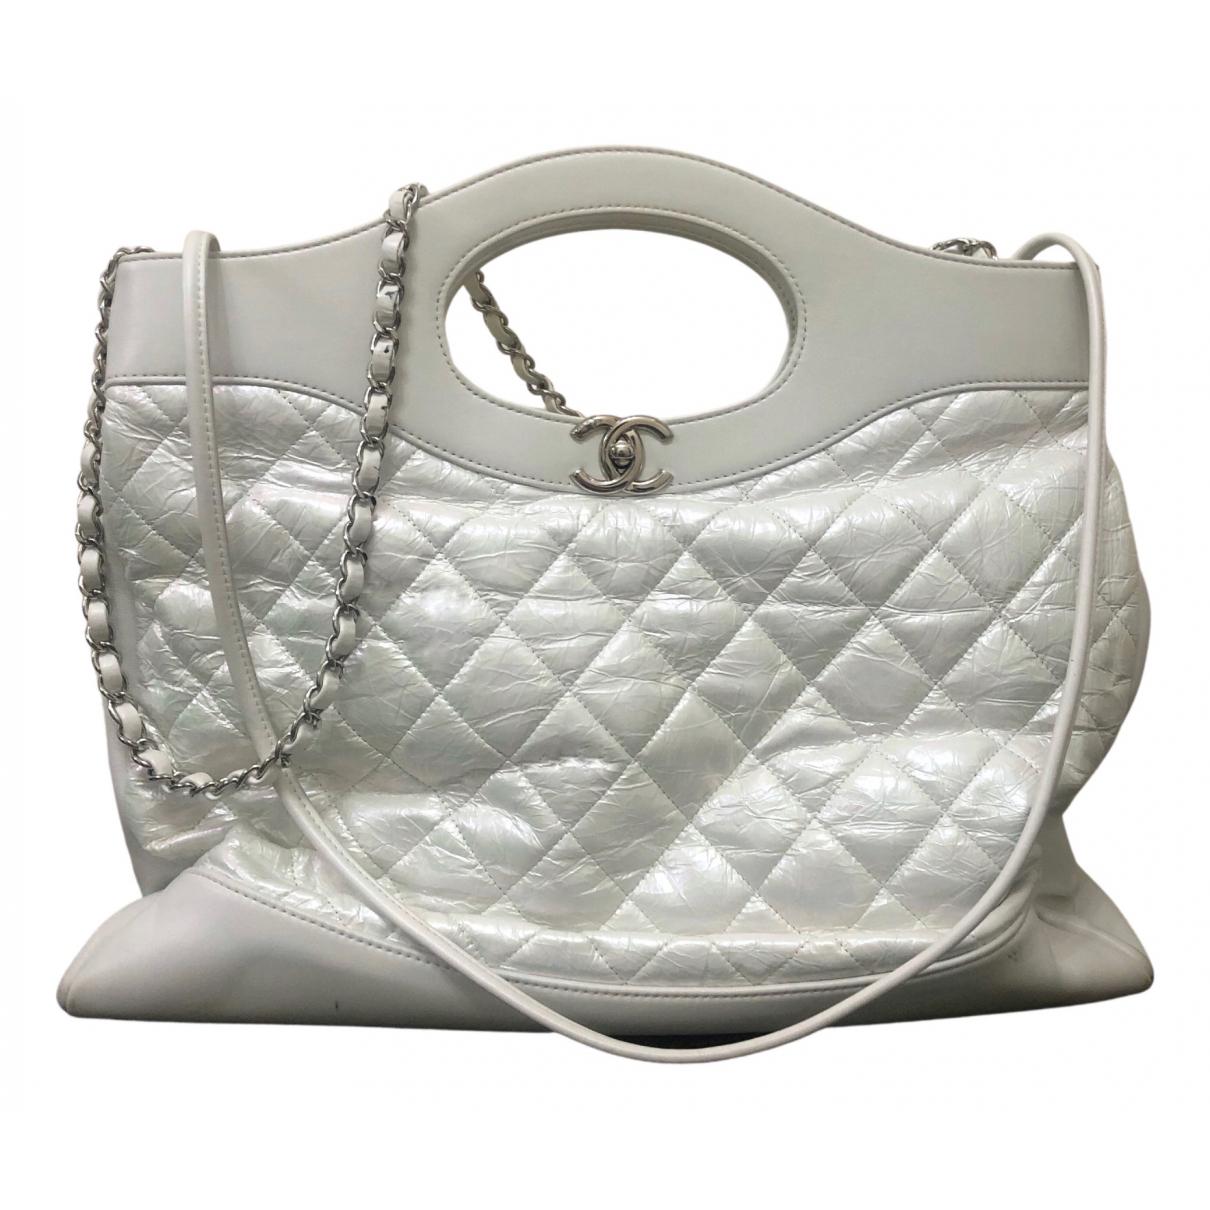 Chanel - Sac a main 31 pour femme en cuir - blanc